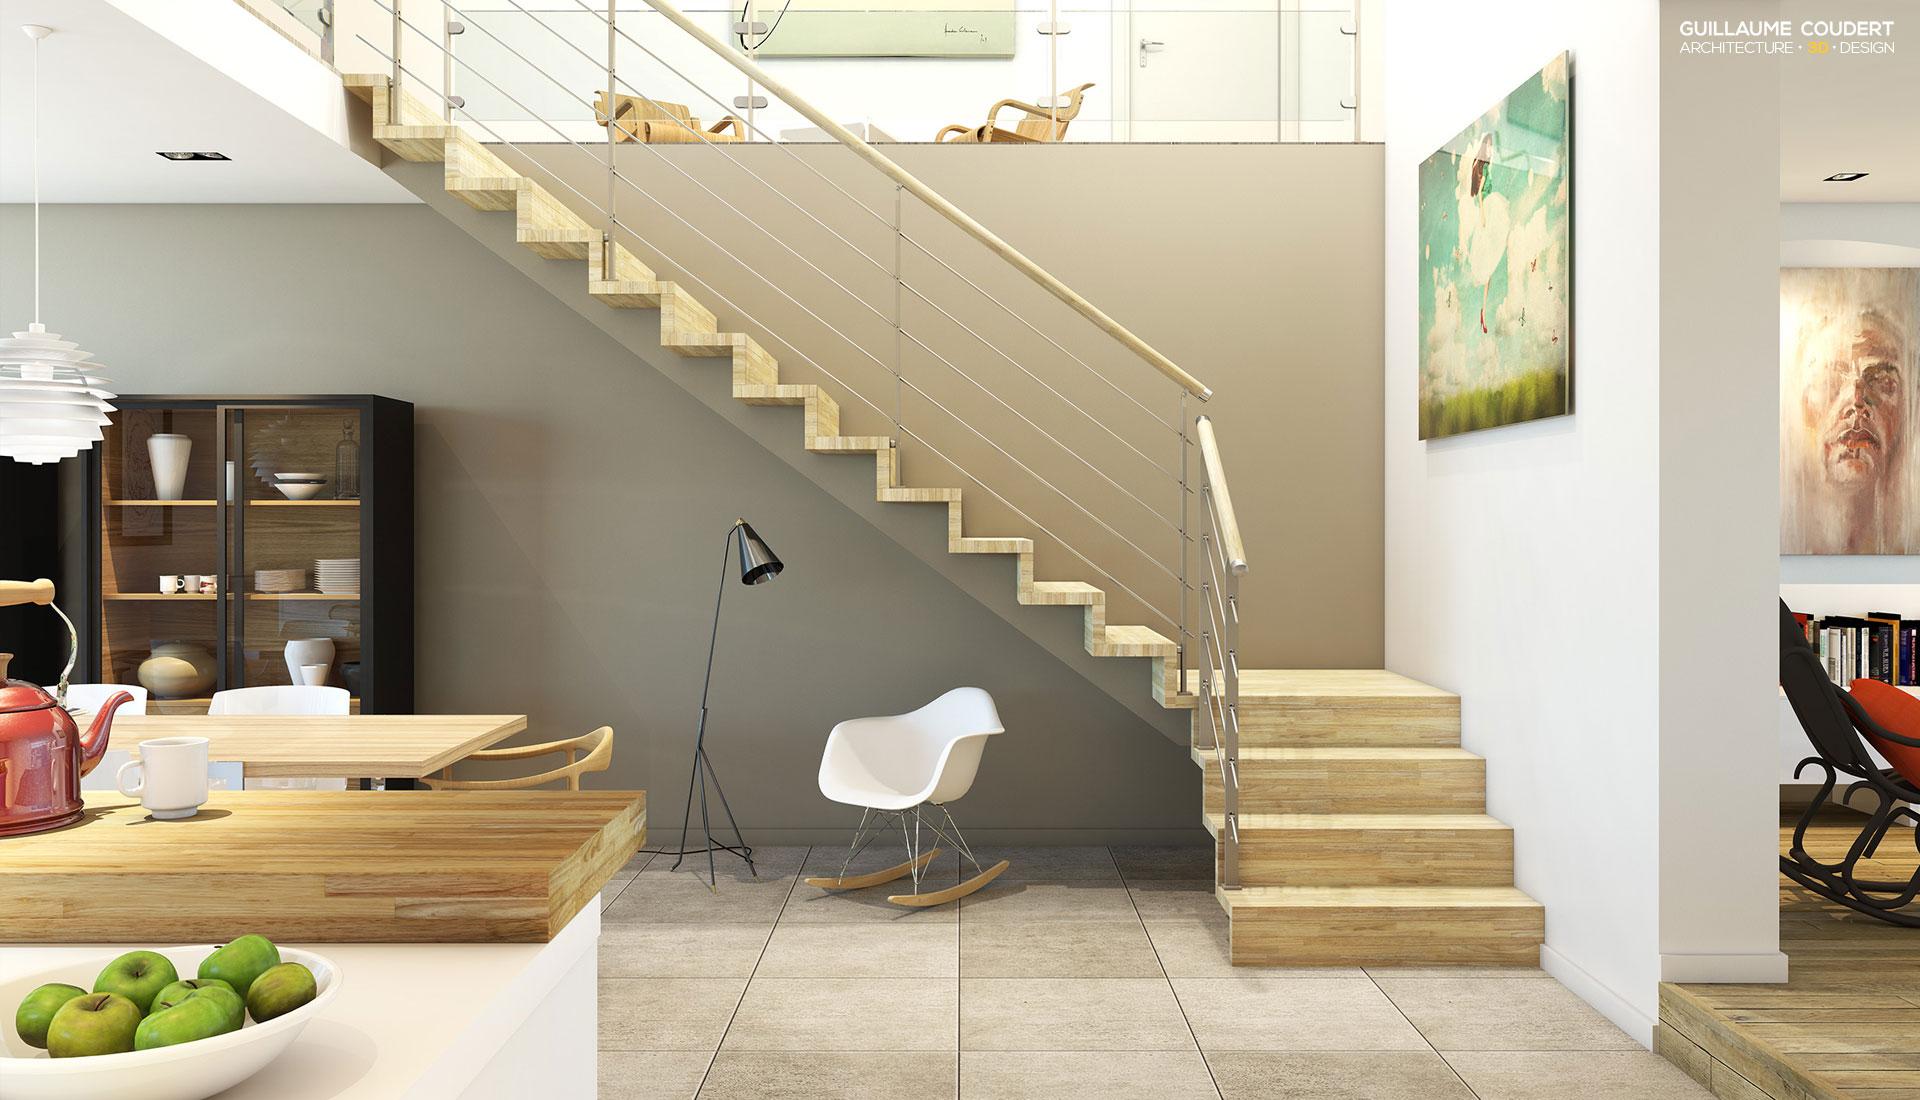 Plasse visuels 2015 2 guillaume coudert architecture d for Architecture interieur 3d